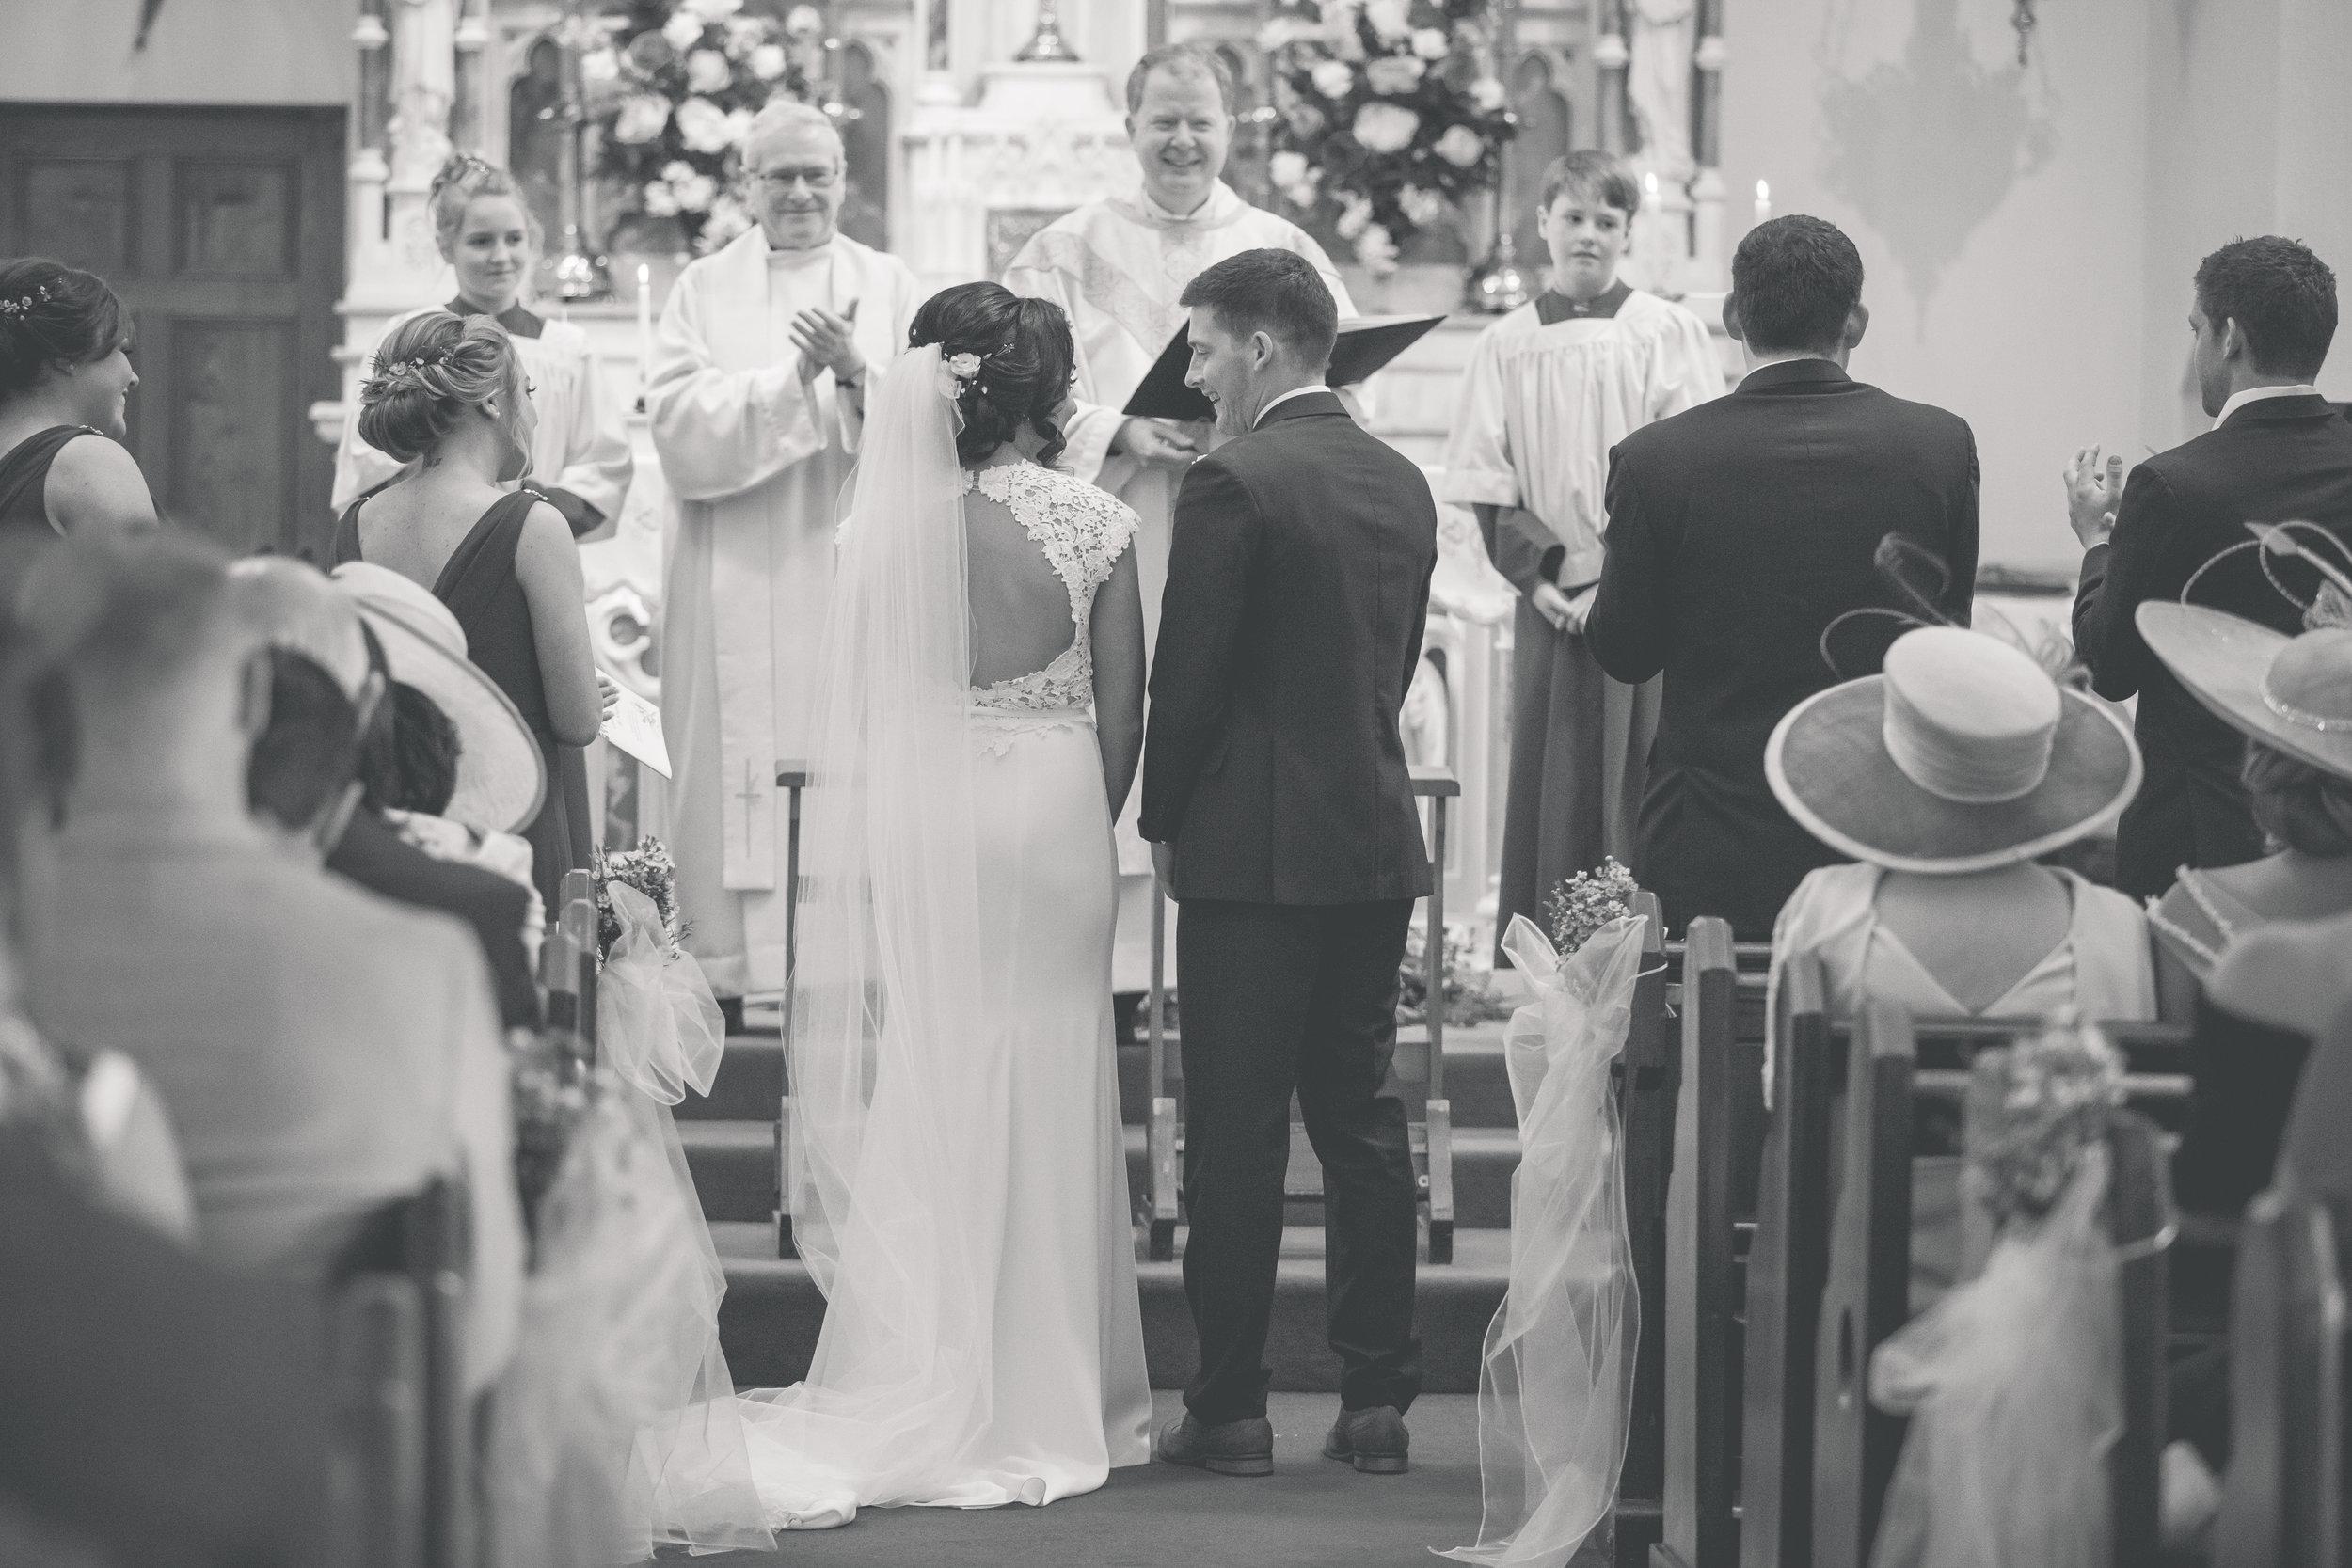 Brian McEwan Wedding Photography   Carol-Anne & Sean   The Ceremony-49.jpg